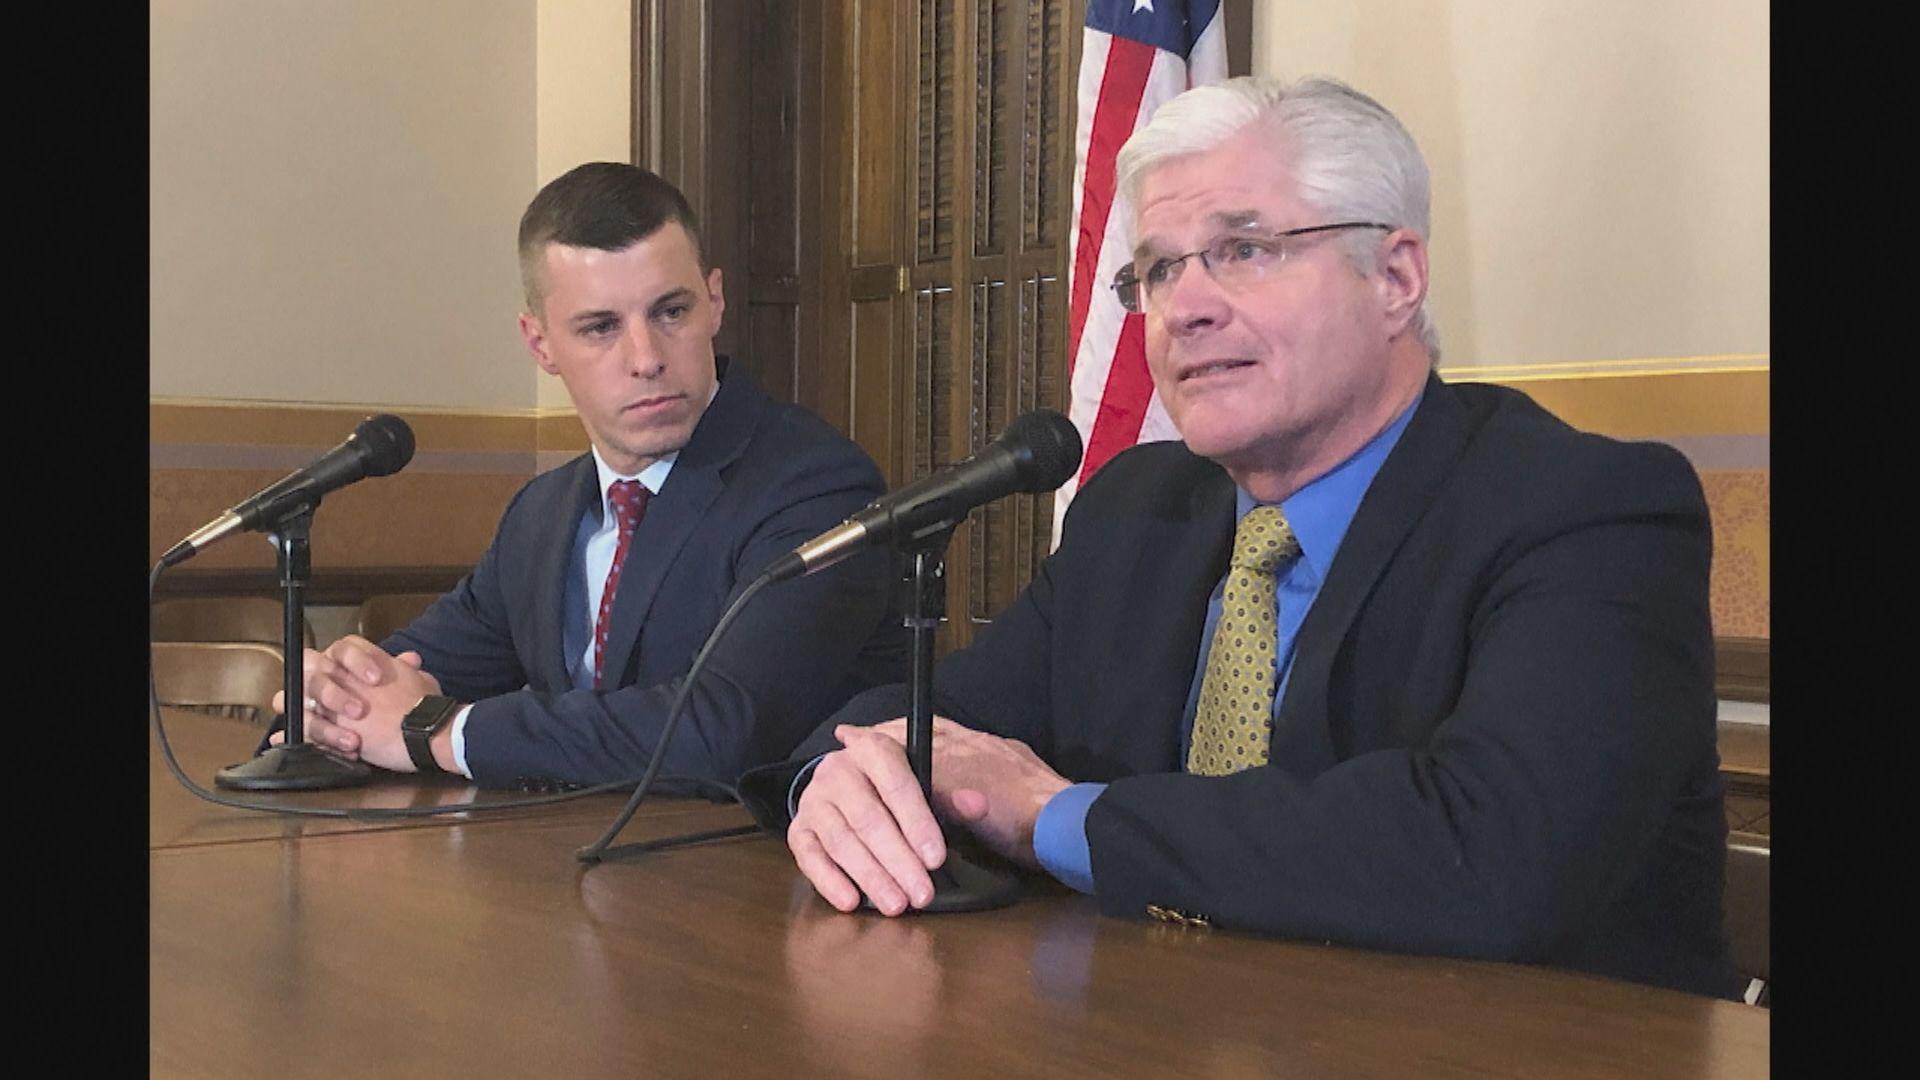 密歇根州共和黨領袖:會按法律和正常程序委任選舉人